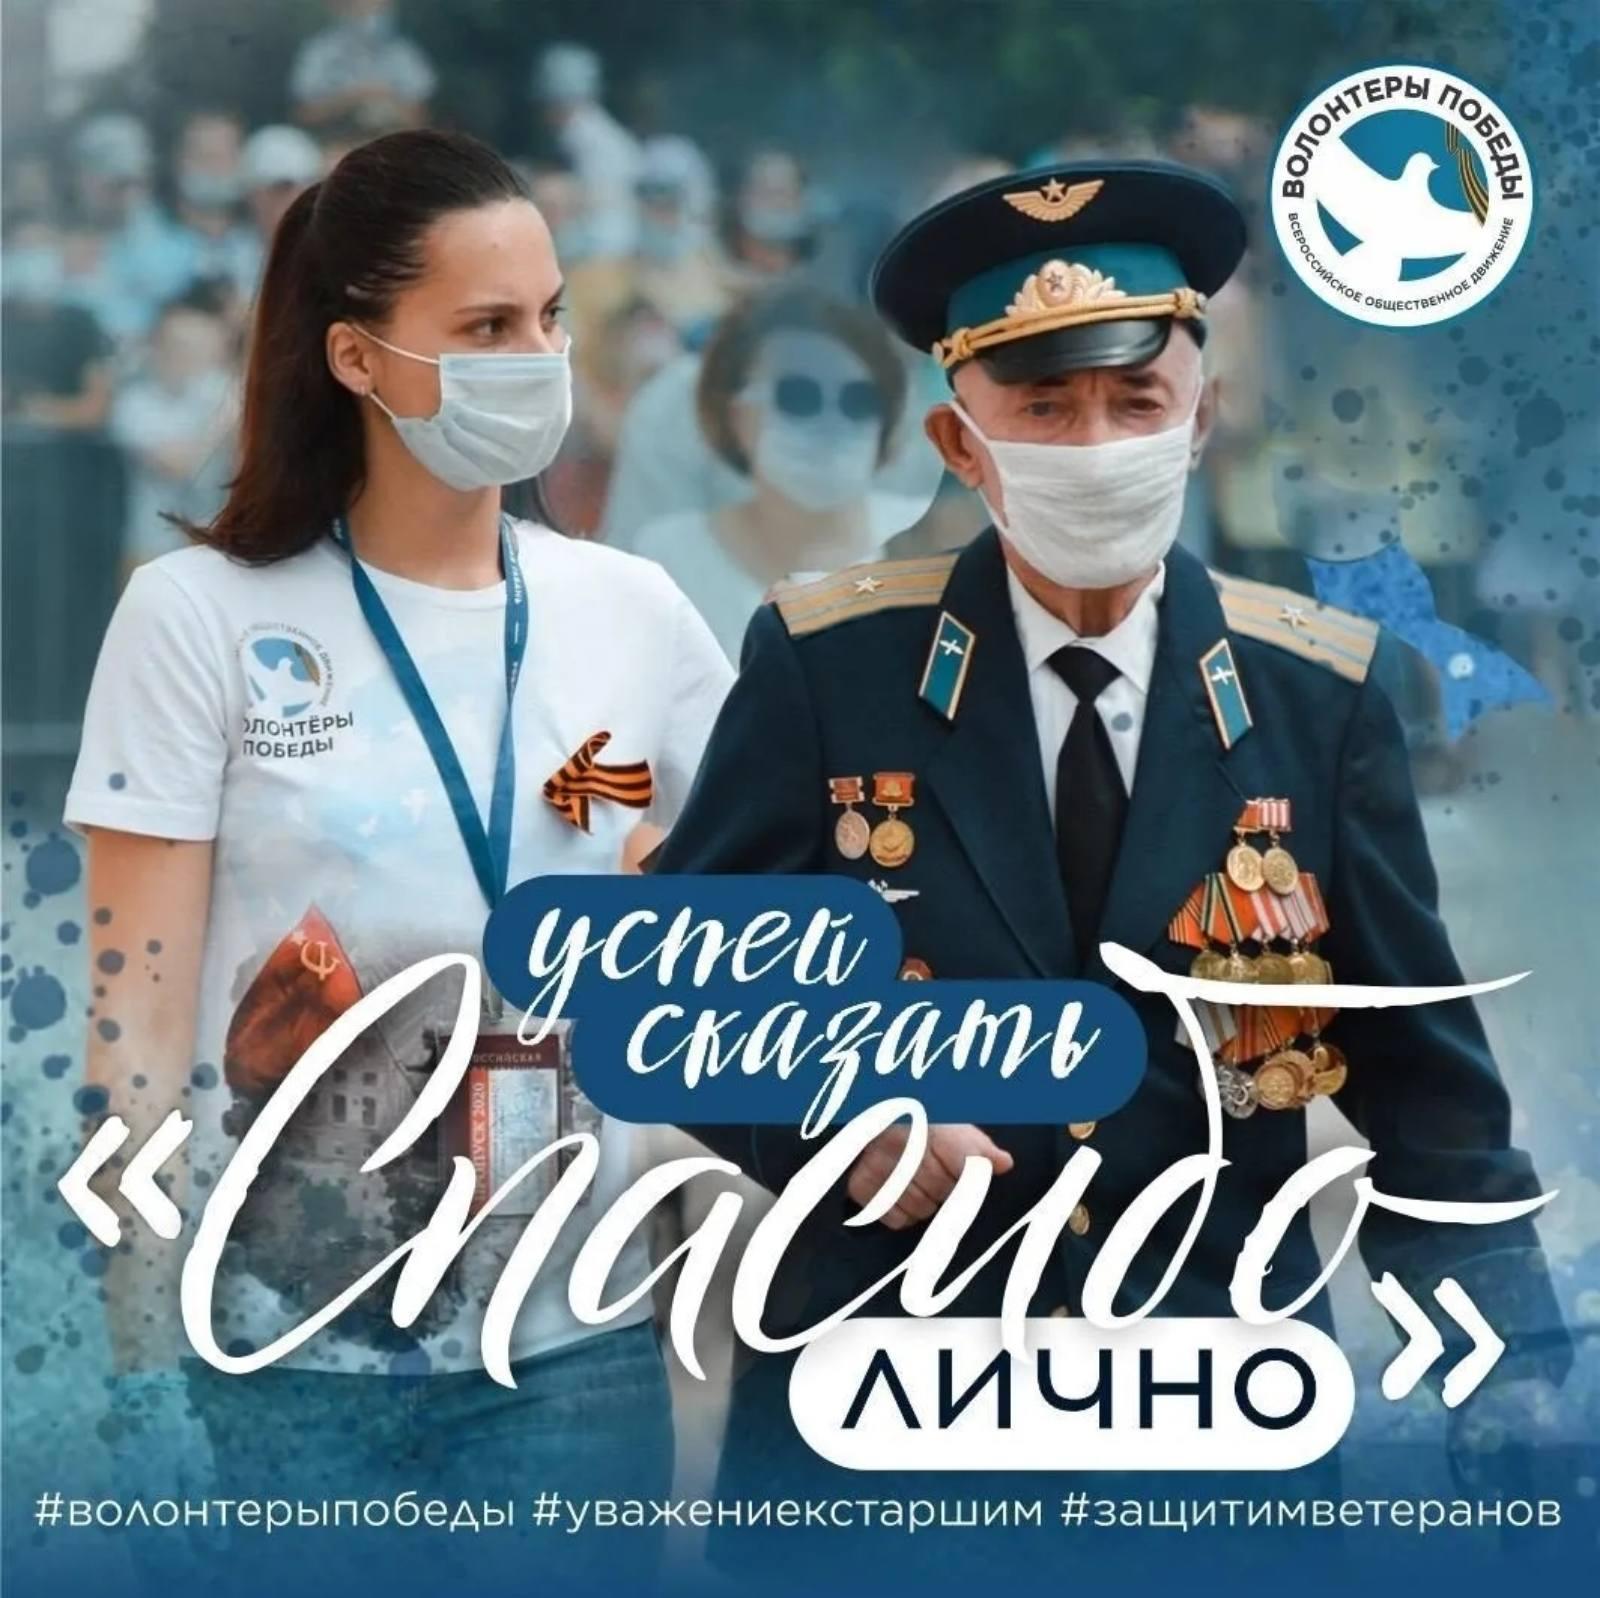 Петровские школьники продолжают участвовать в онлайн-акциях, приуроченных к предстоящему Дню защитника Отечества